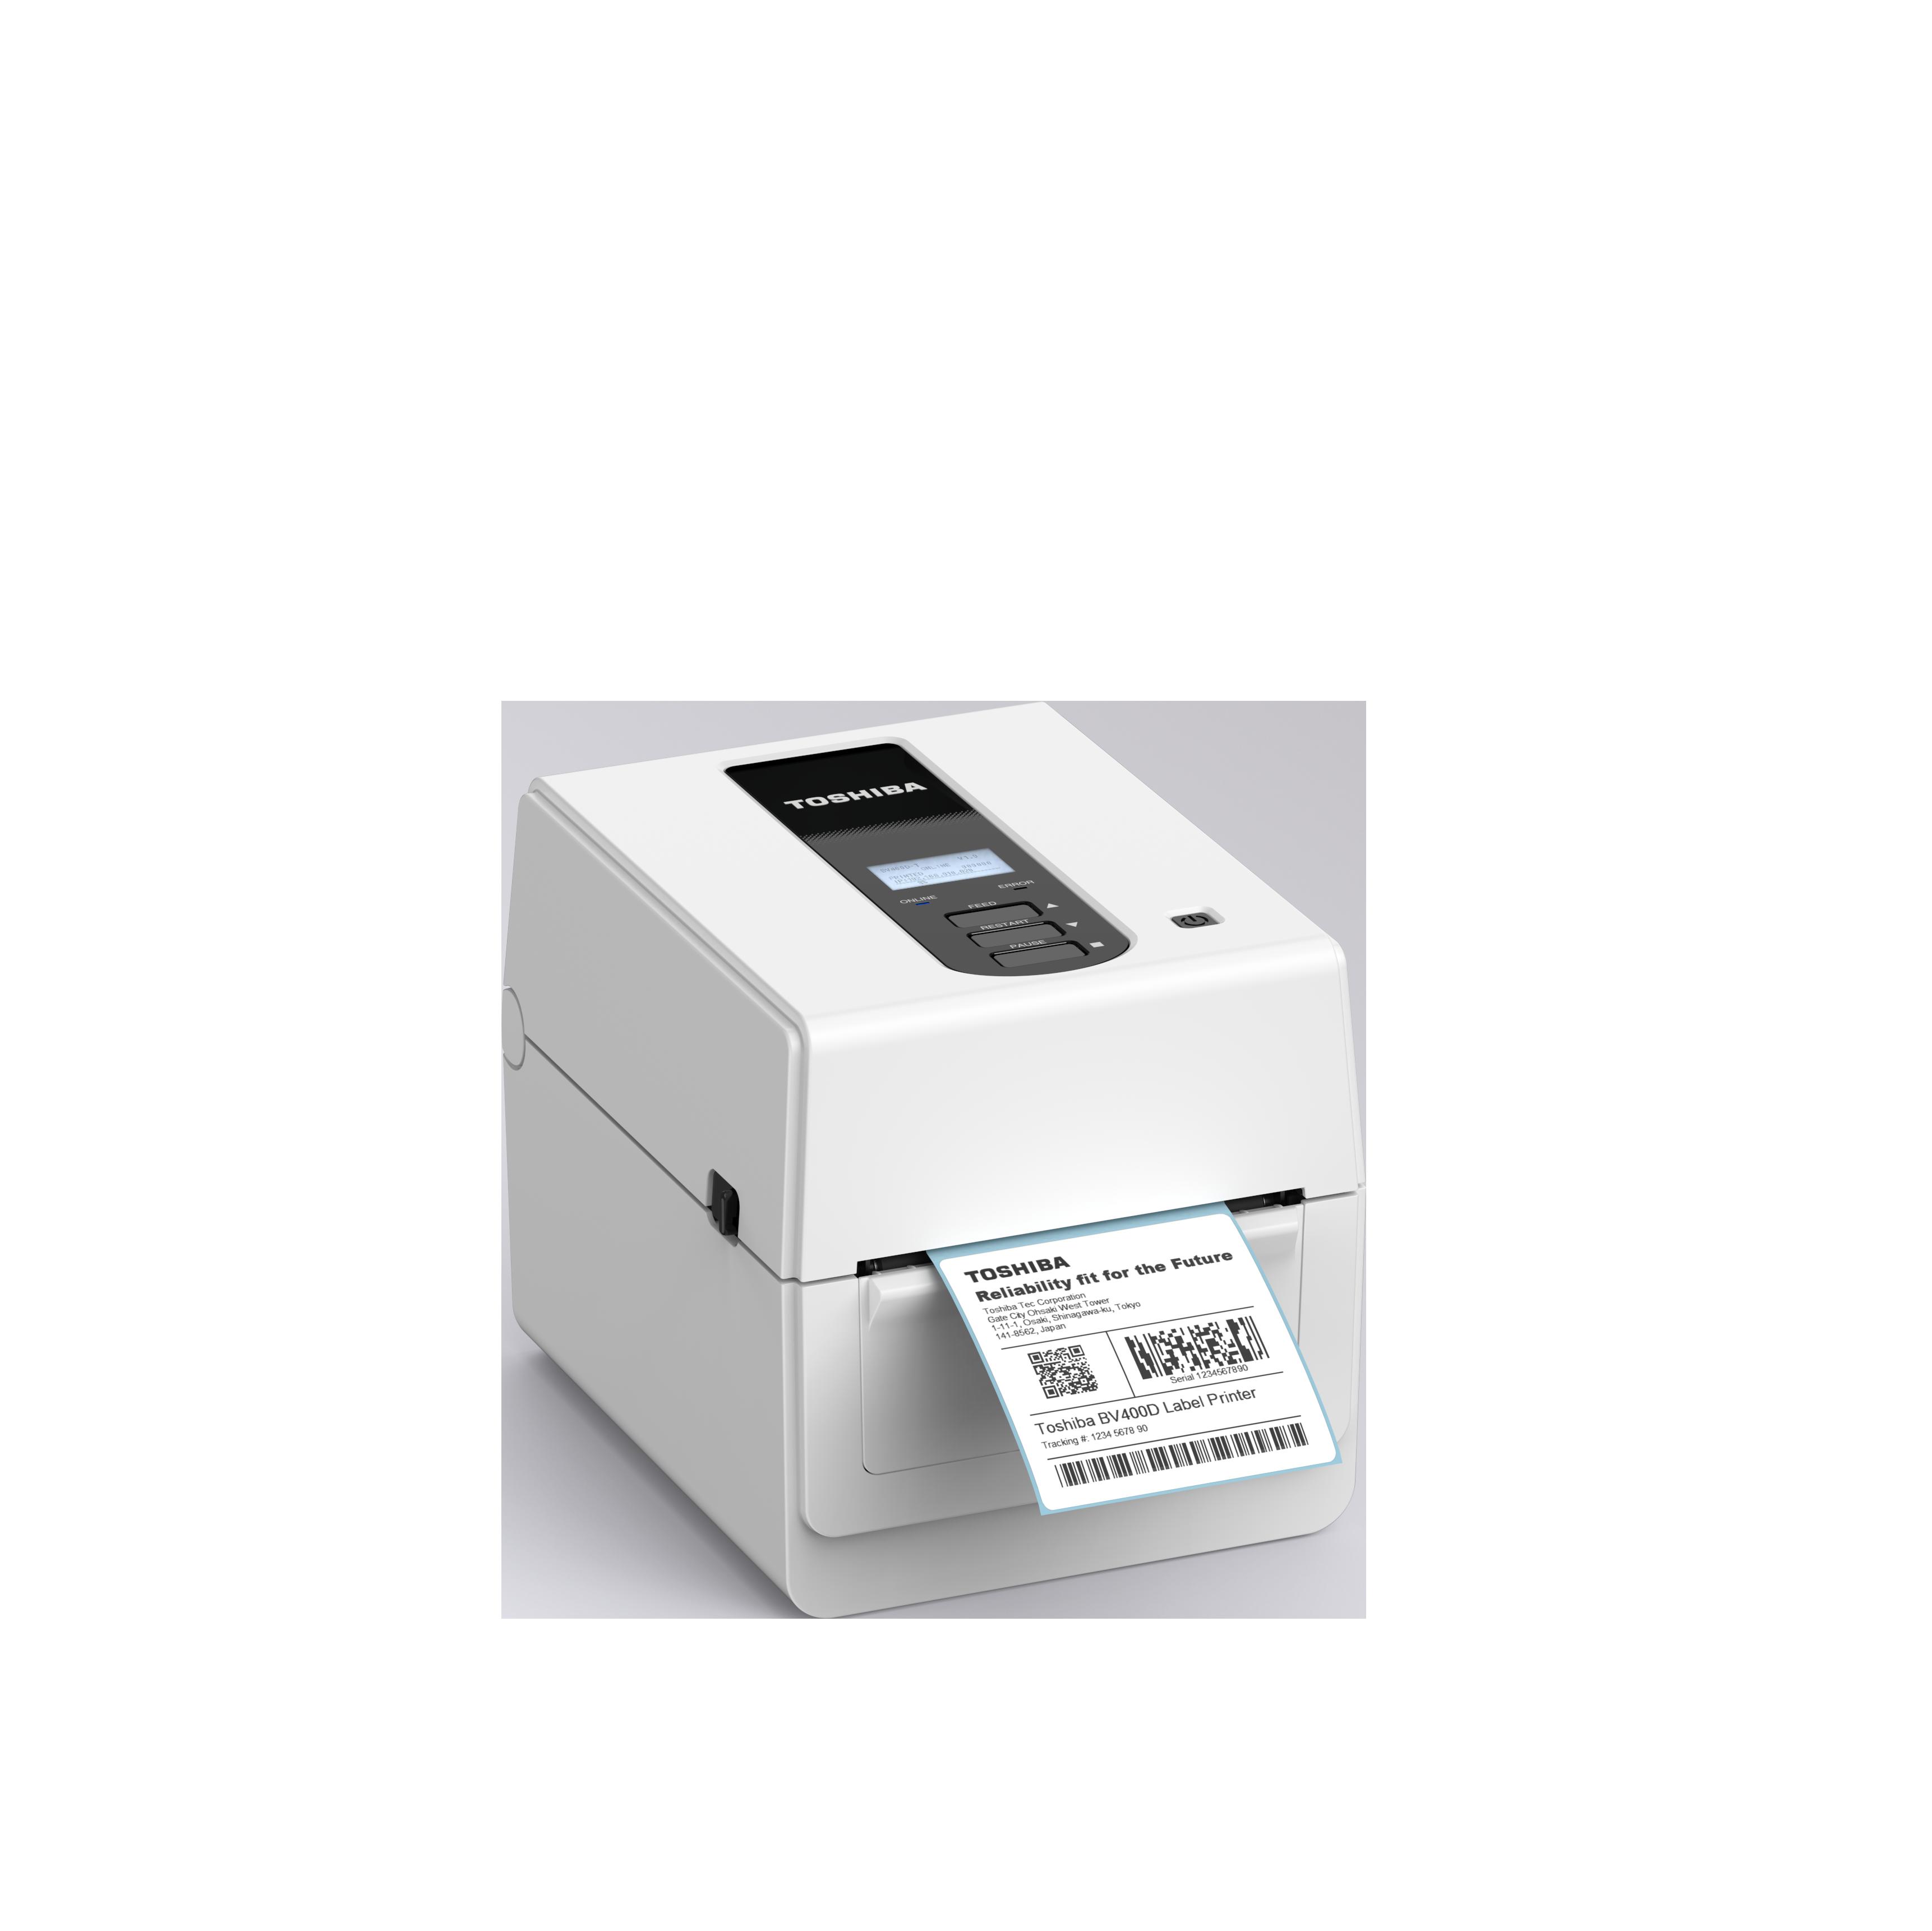 Toshiba BV410D  Etikettendrucker Desktop